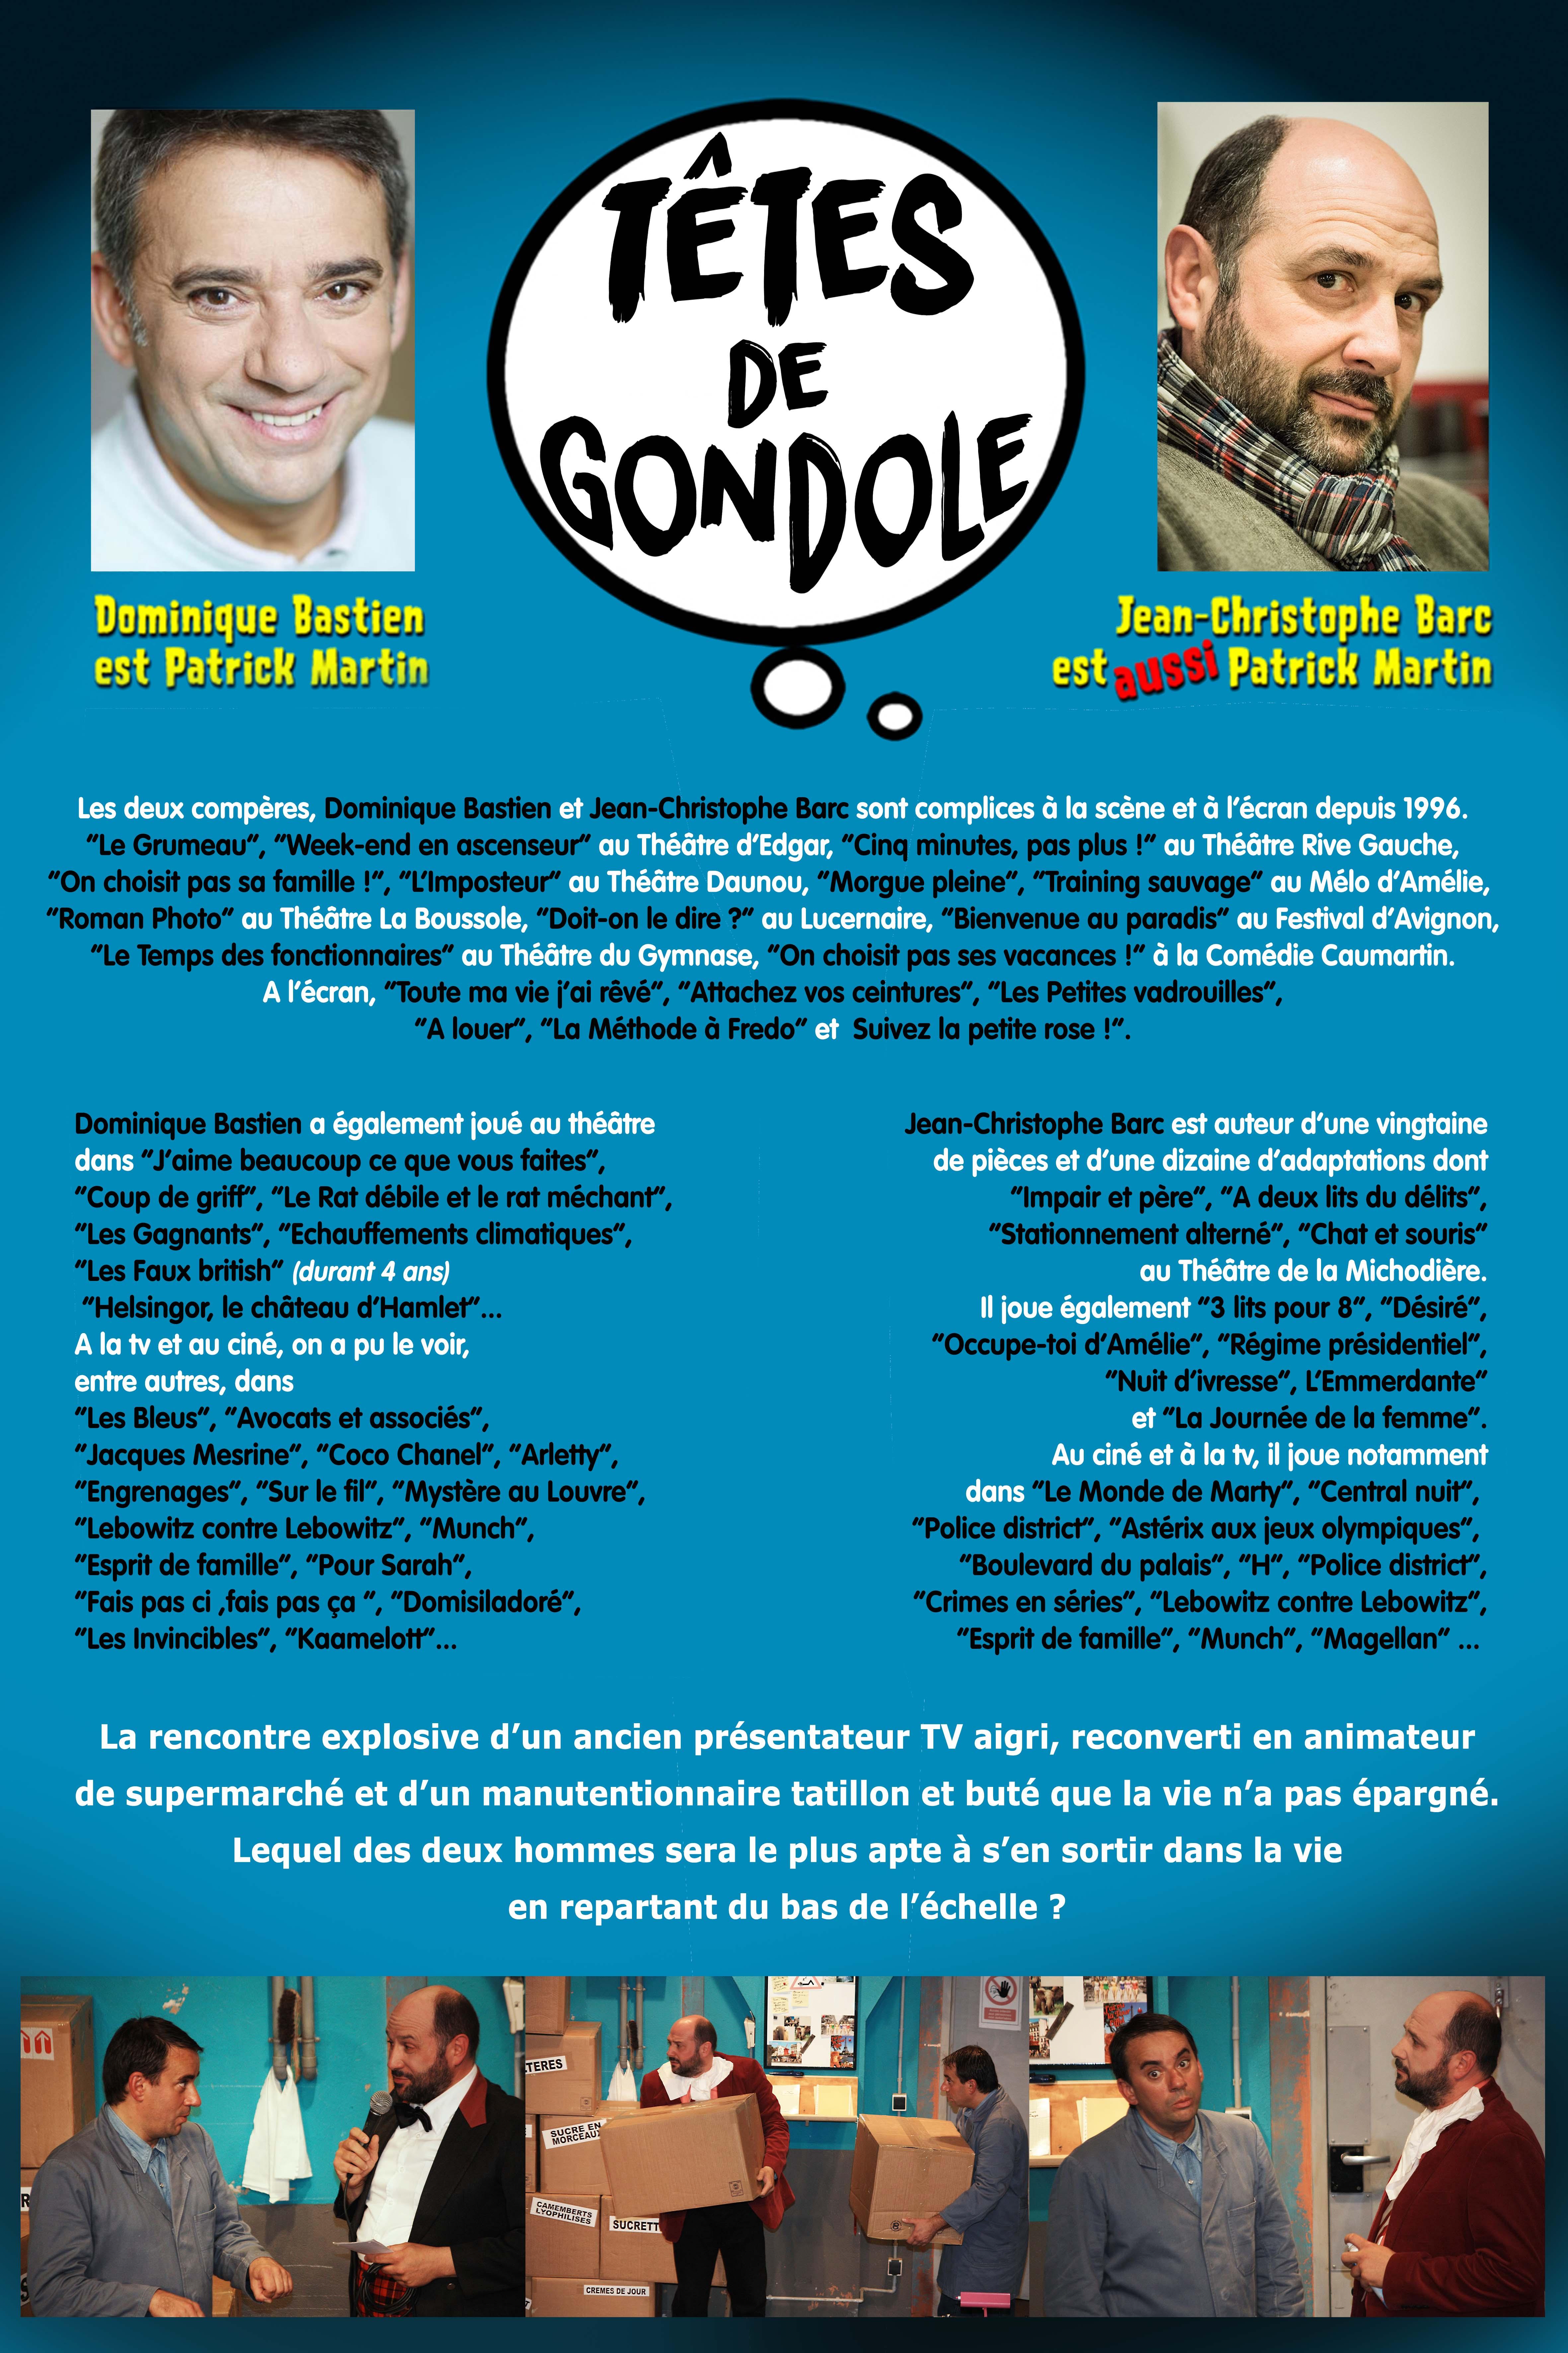 TETES DE GONDOLE dospres page 2